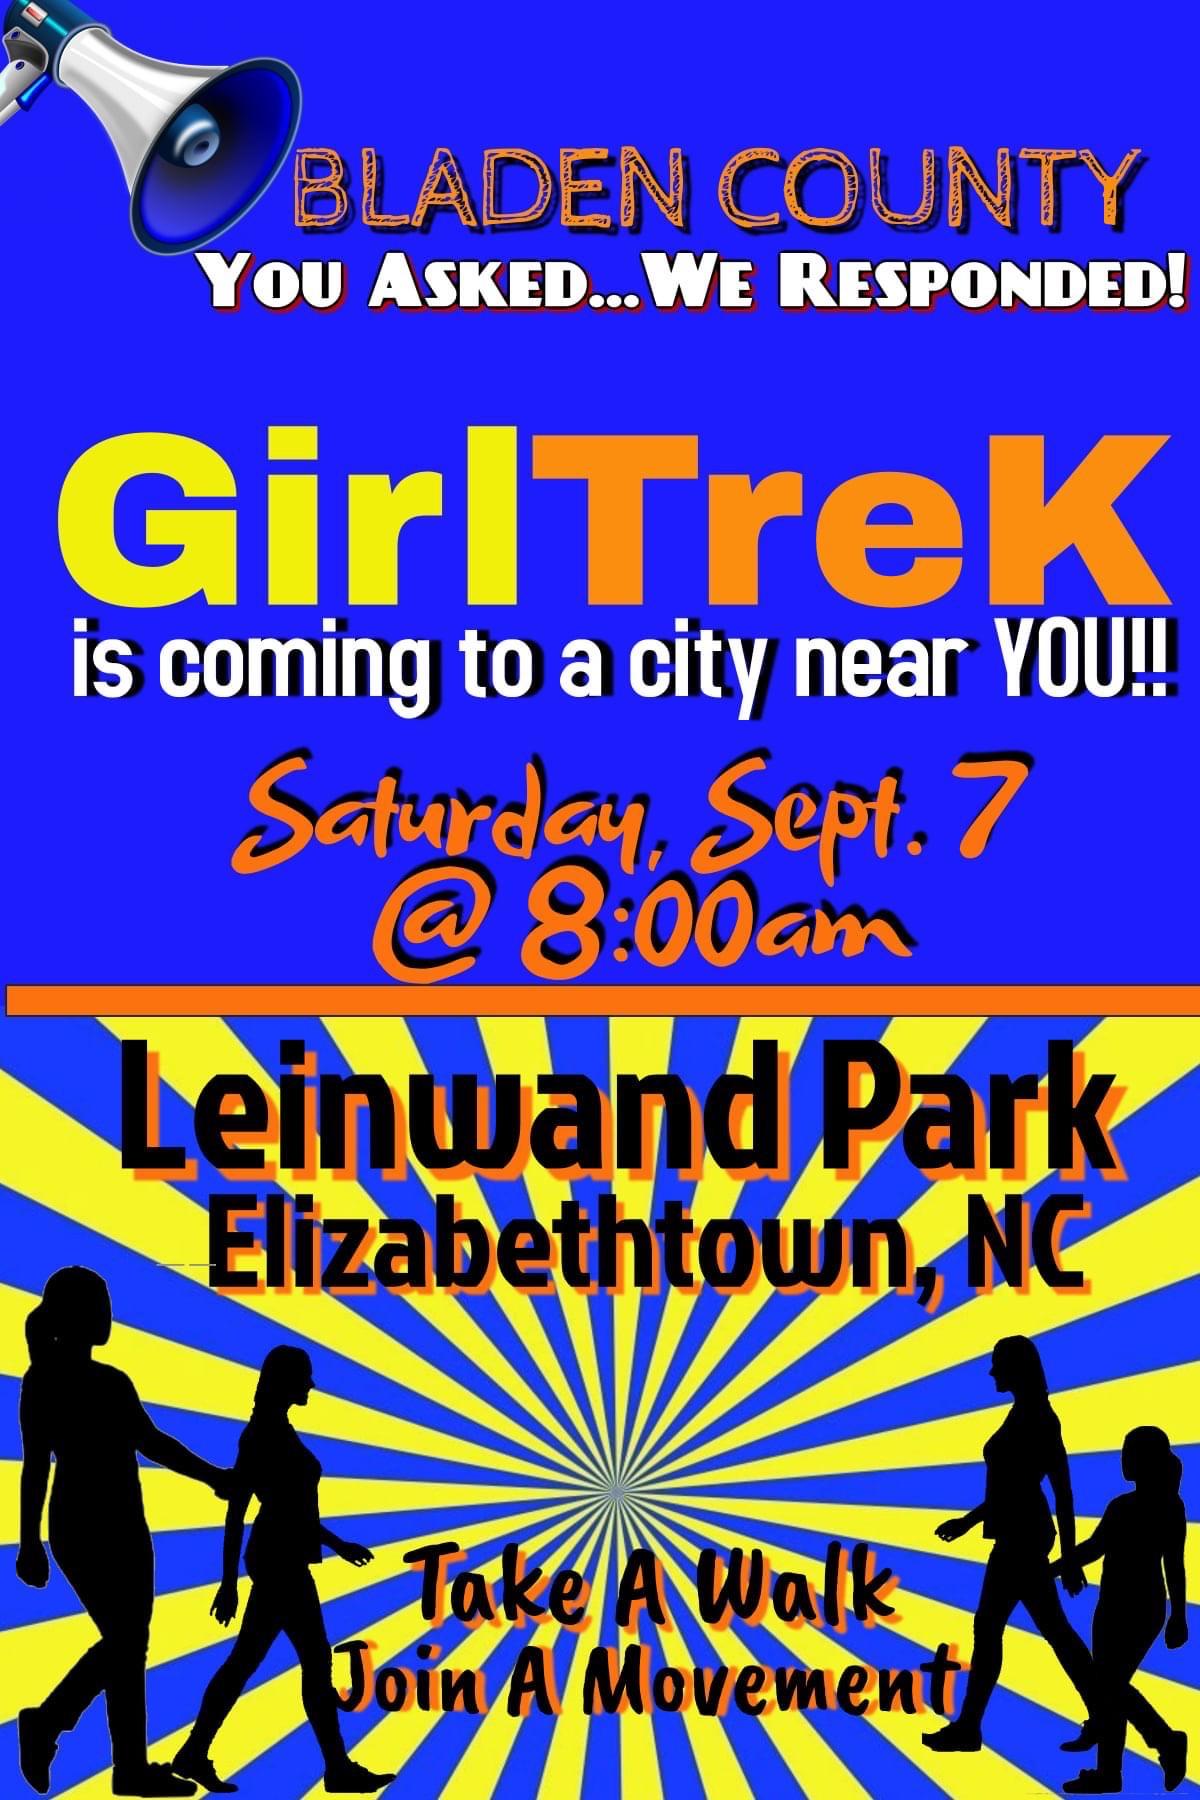 Girl Trek